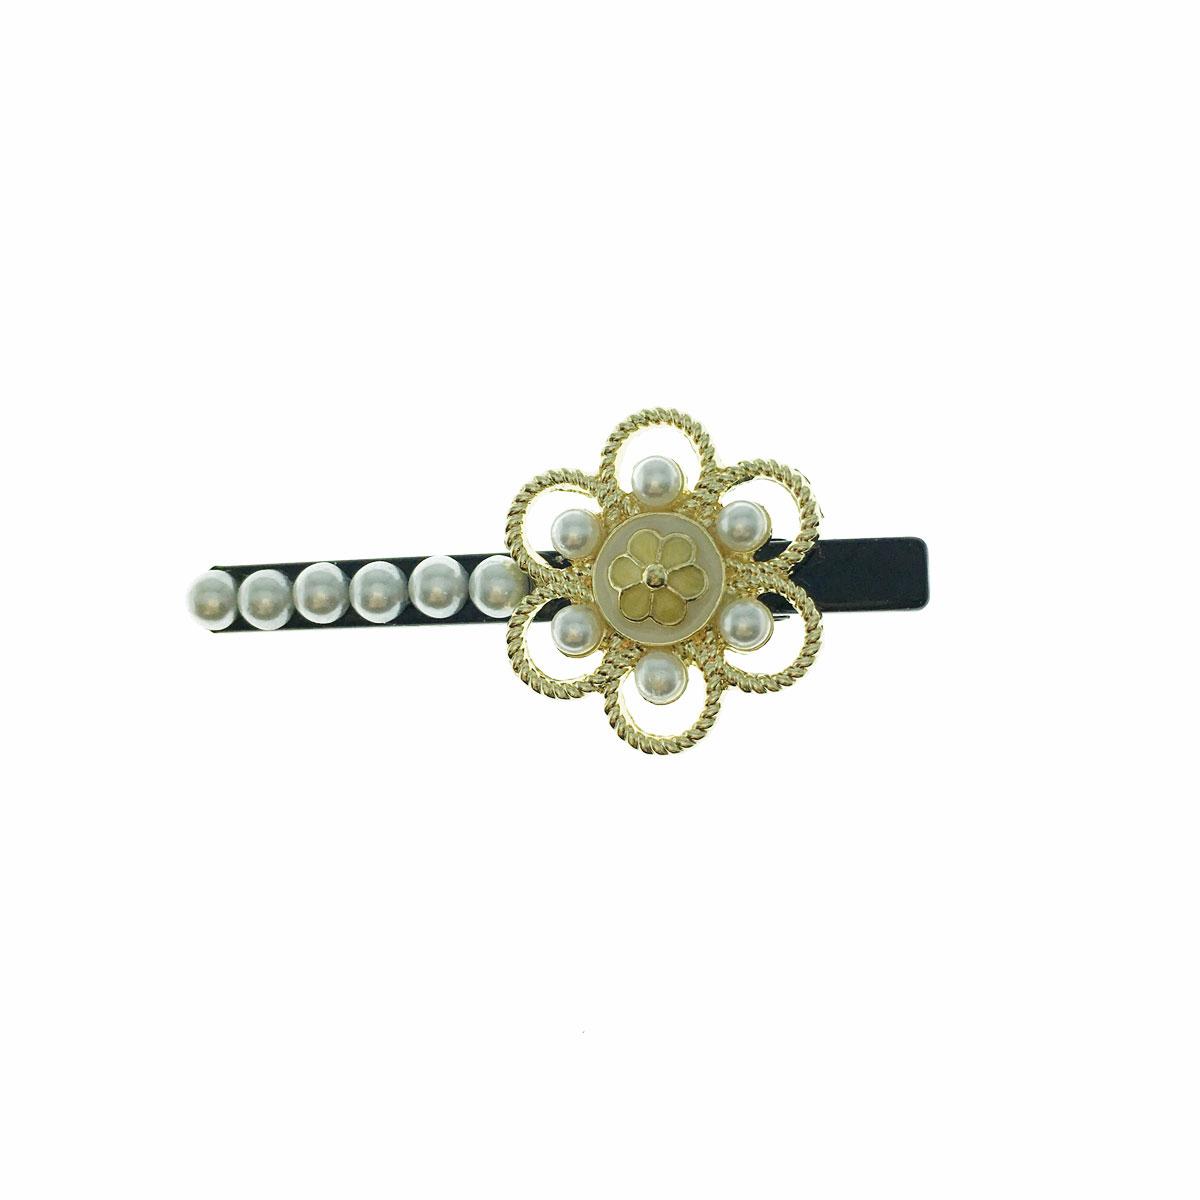 韓國 珍珠 花朵 簍空 壓夾 髮夾 髮飾